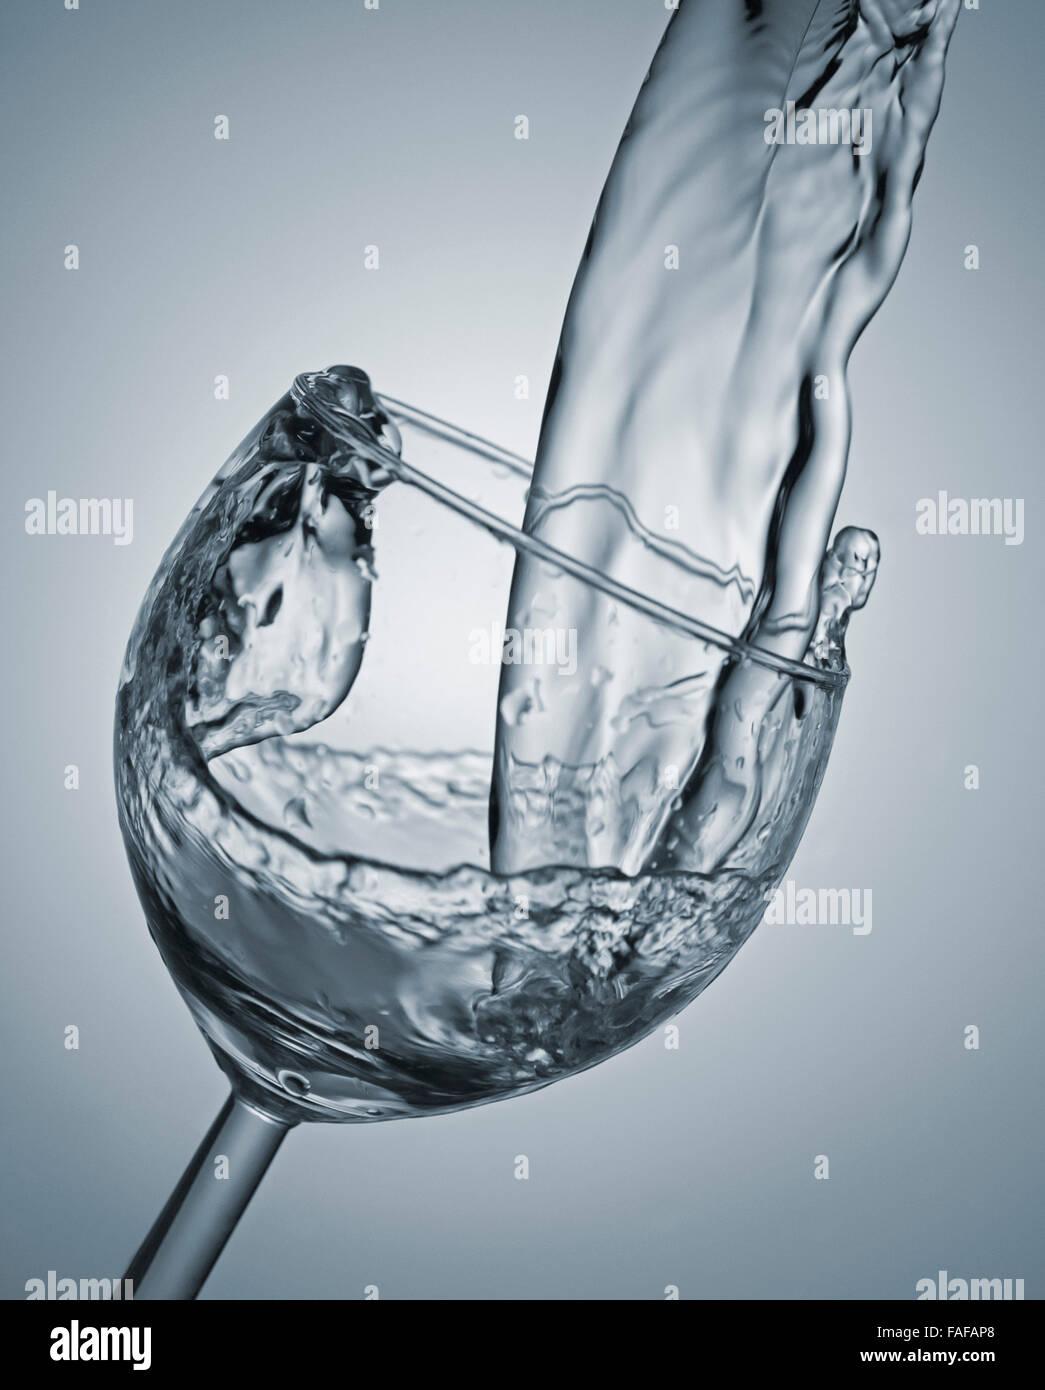 Un rush de verter agua en un vaso con faro y barcos dentro del caos Foto de stock